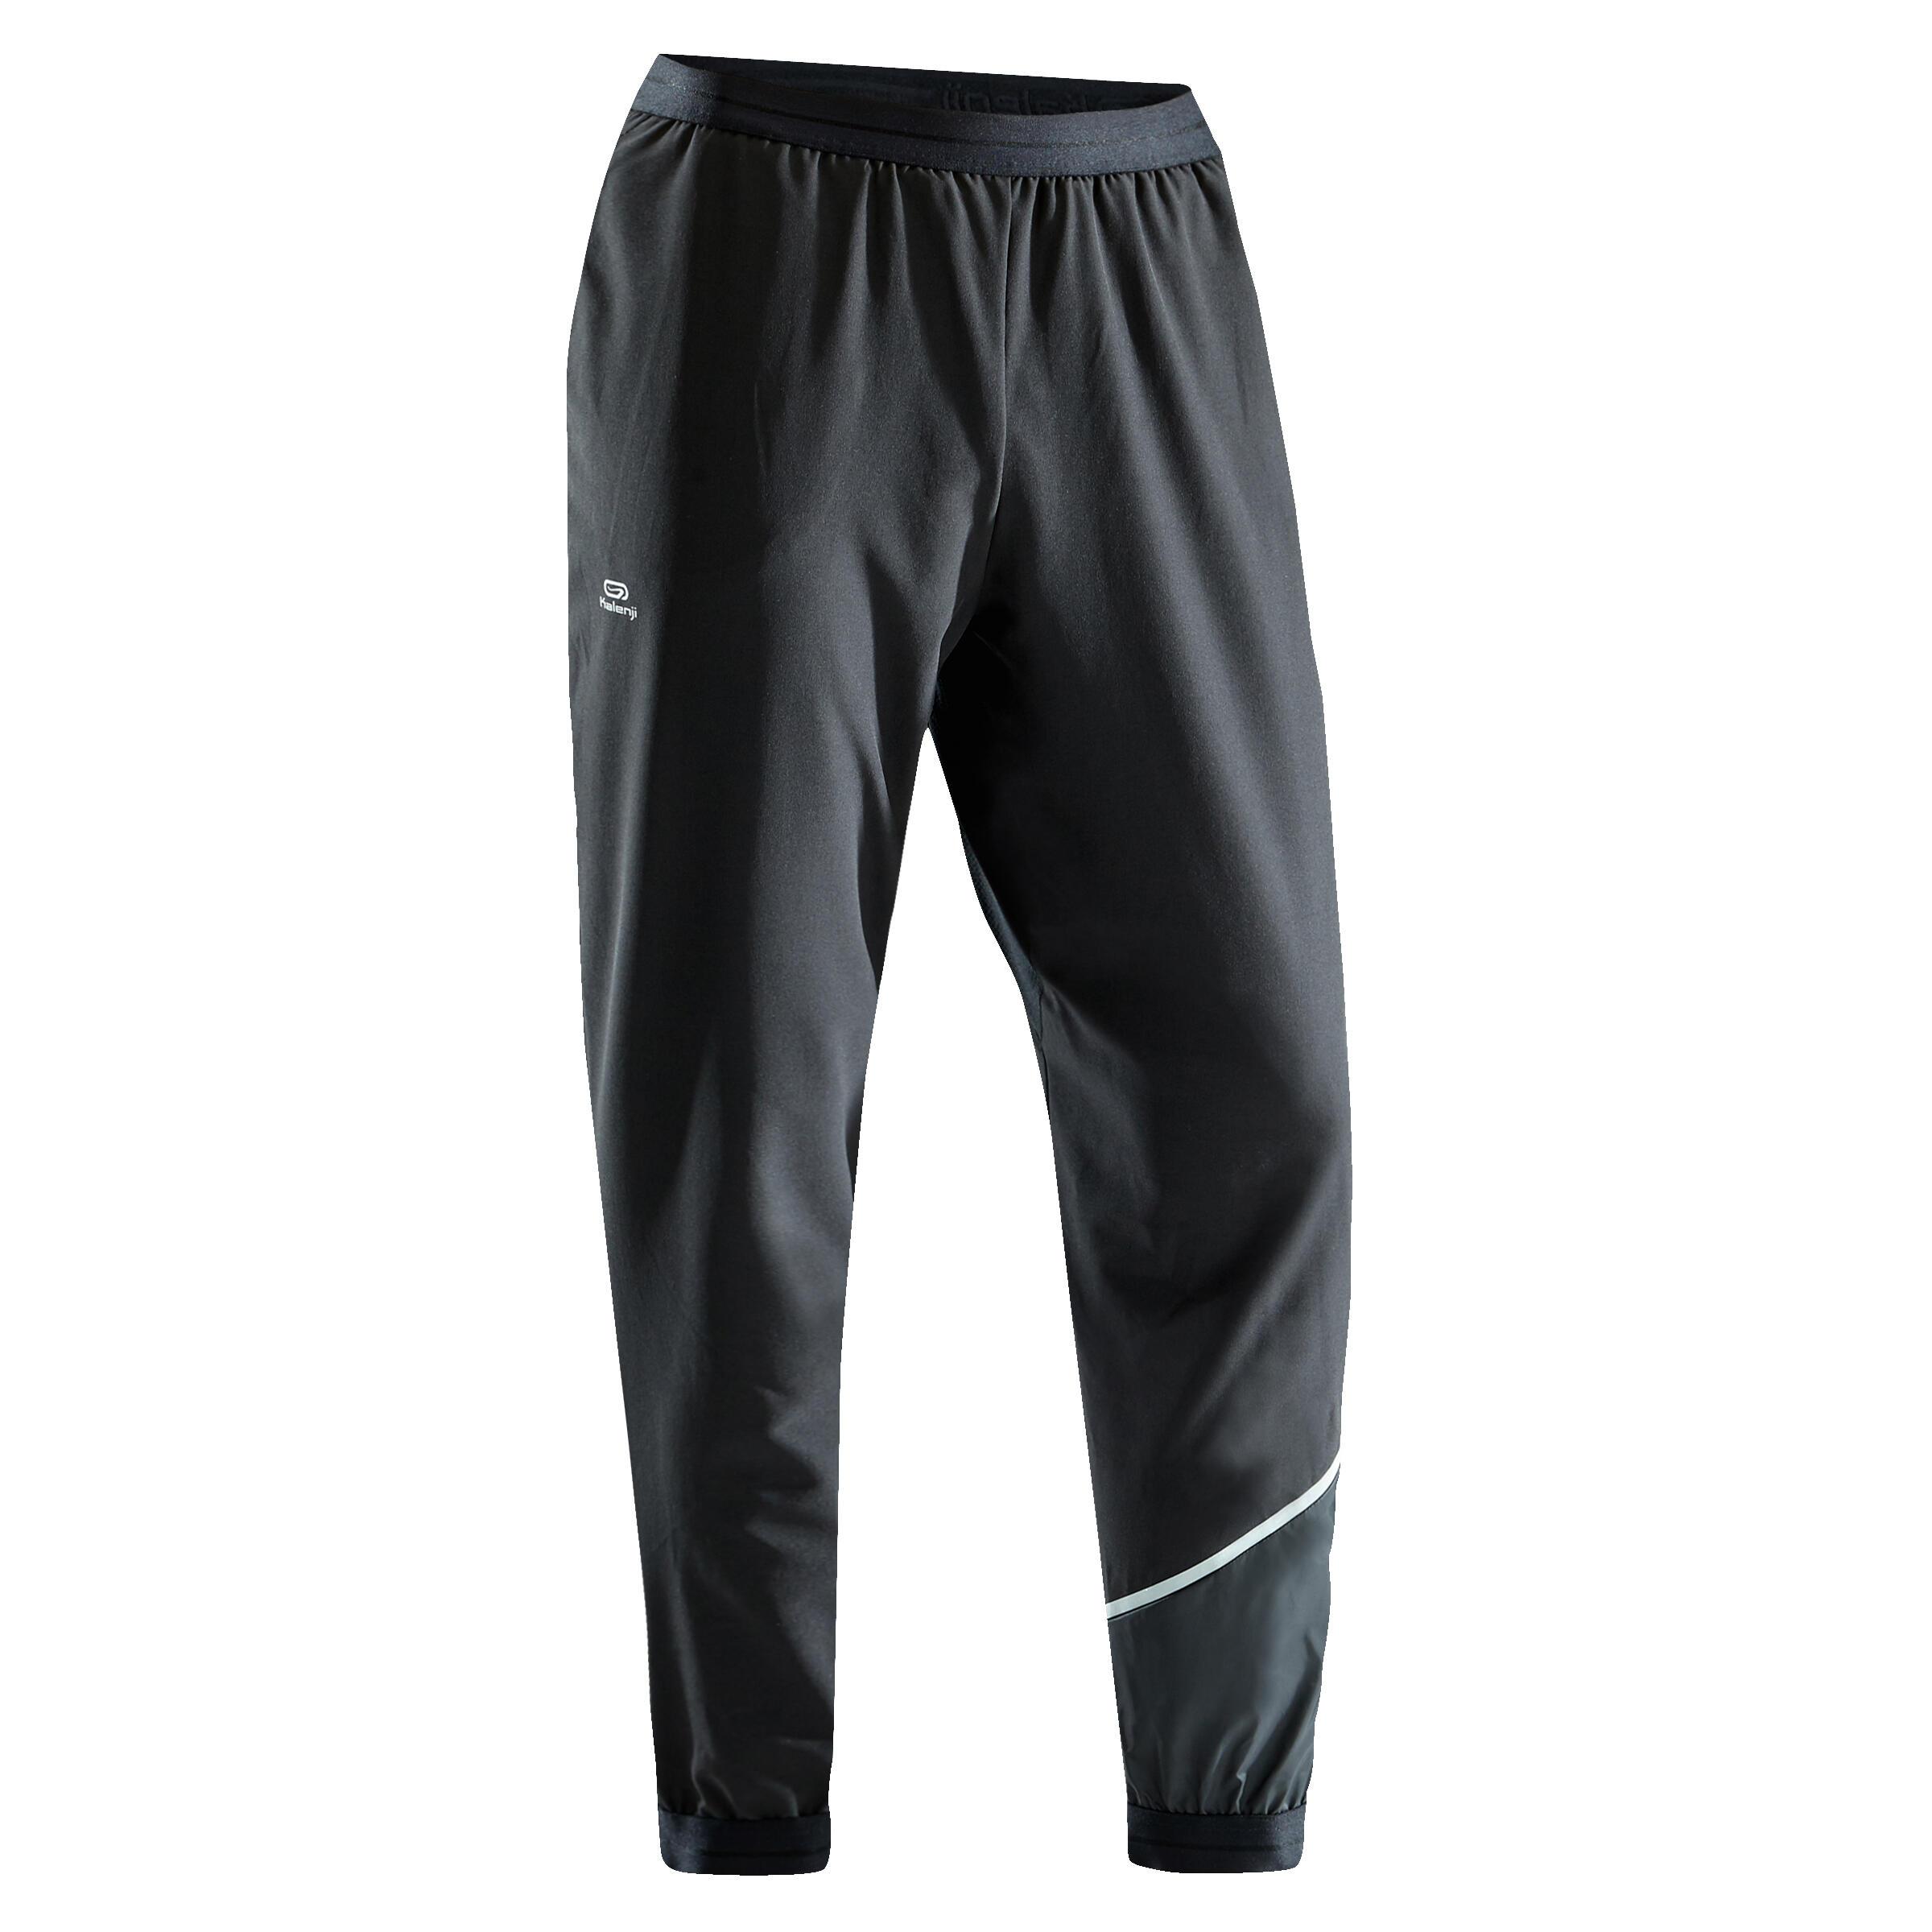 Códigos promocionales Códigos promocionales Tienda online Acquisti Online 2 Sconti su Qualsiasi Caso pantalones de chandal ...